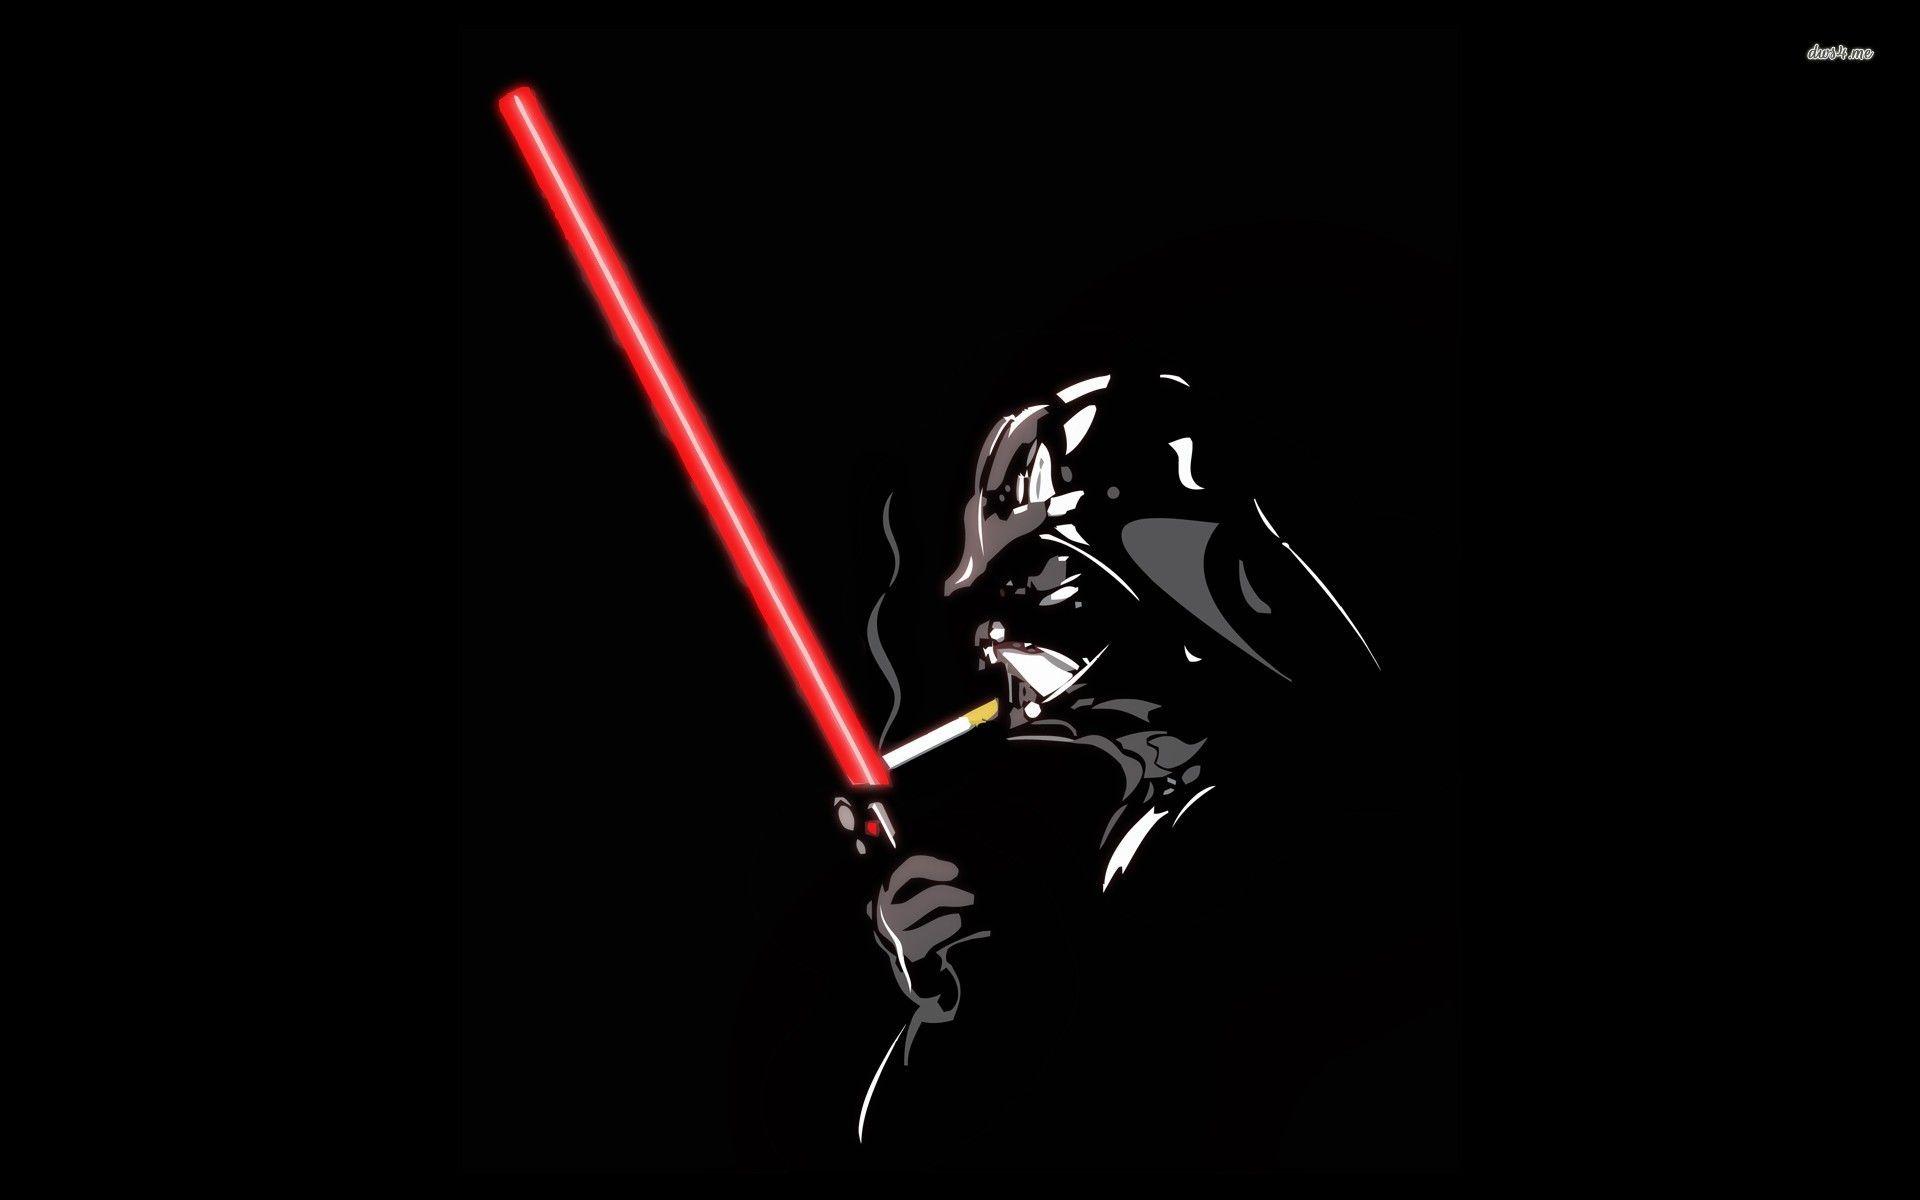 Star Wars Darth Vader Wallpapers Wallpaper Darth vader wallpaper 1920x1200